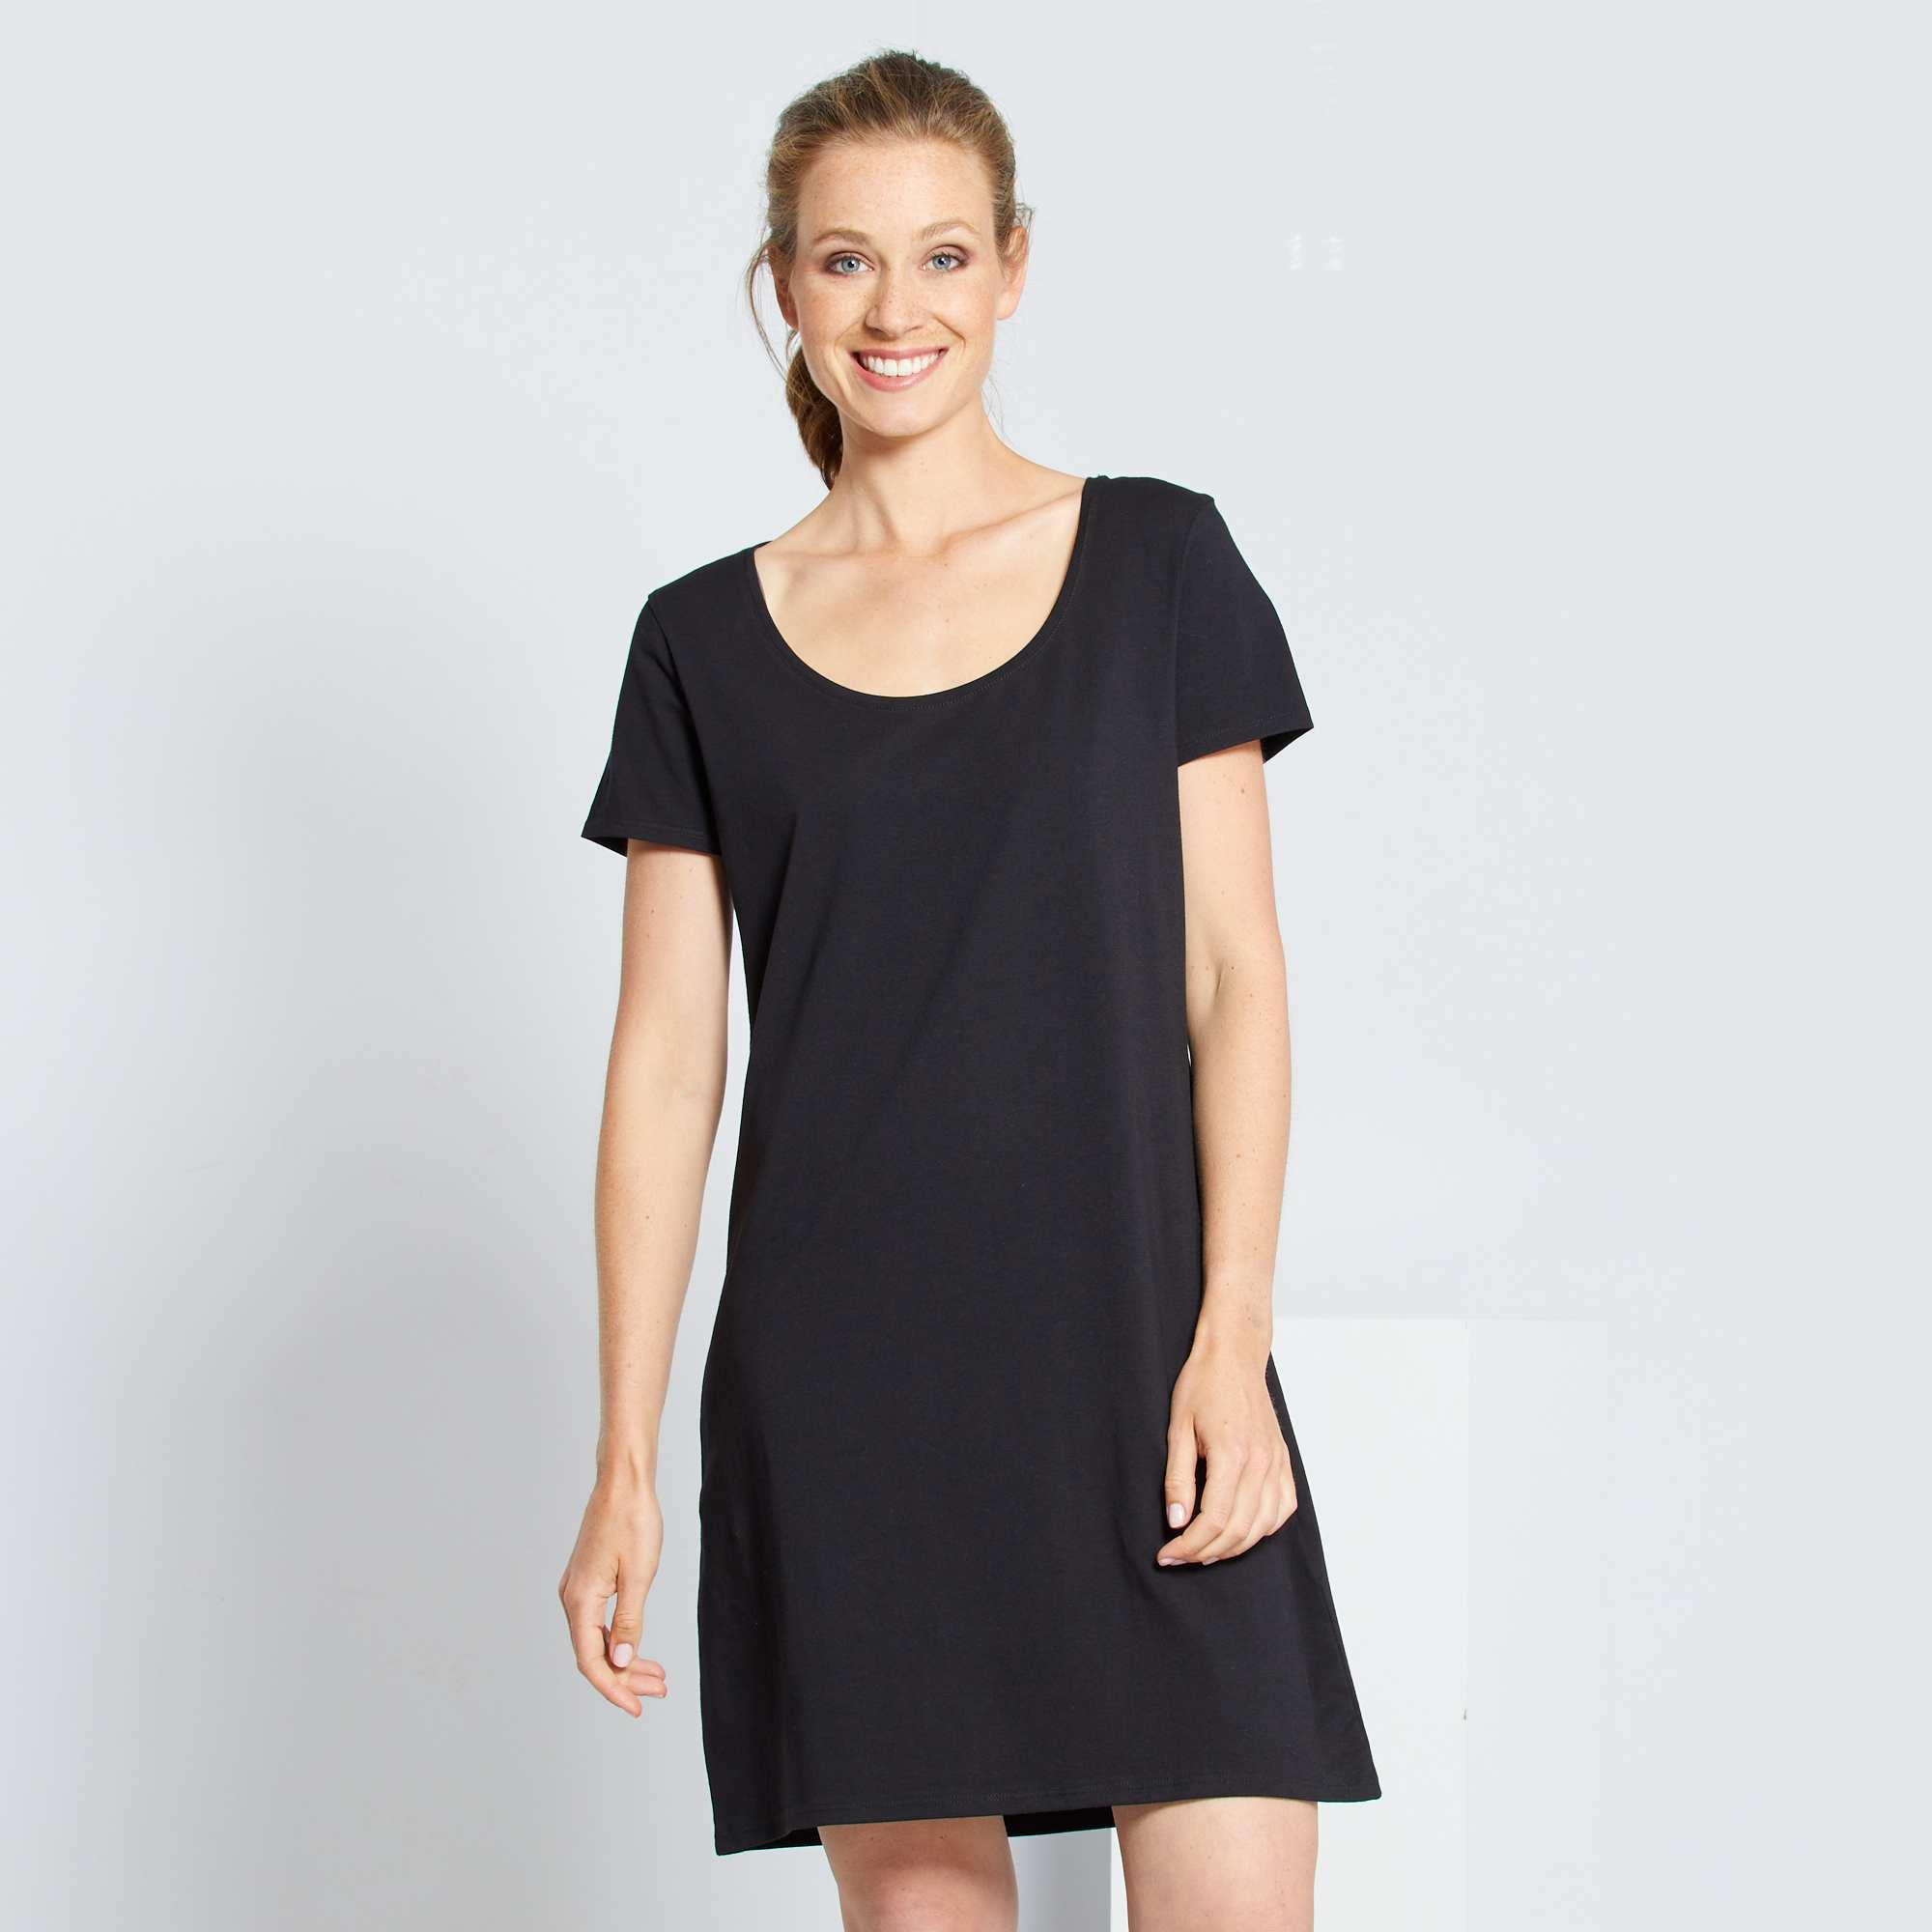 09e1927dac2 Robe tee-shirt Femme - noir - Kiabi - 8